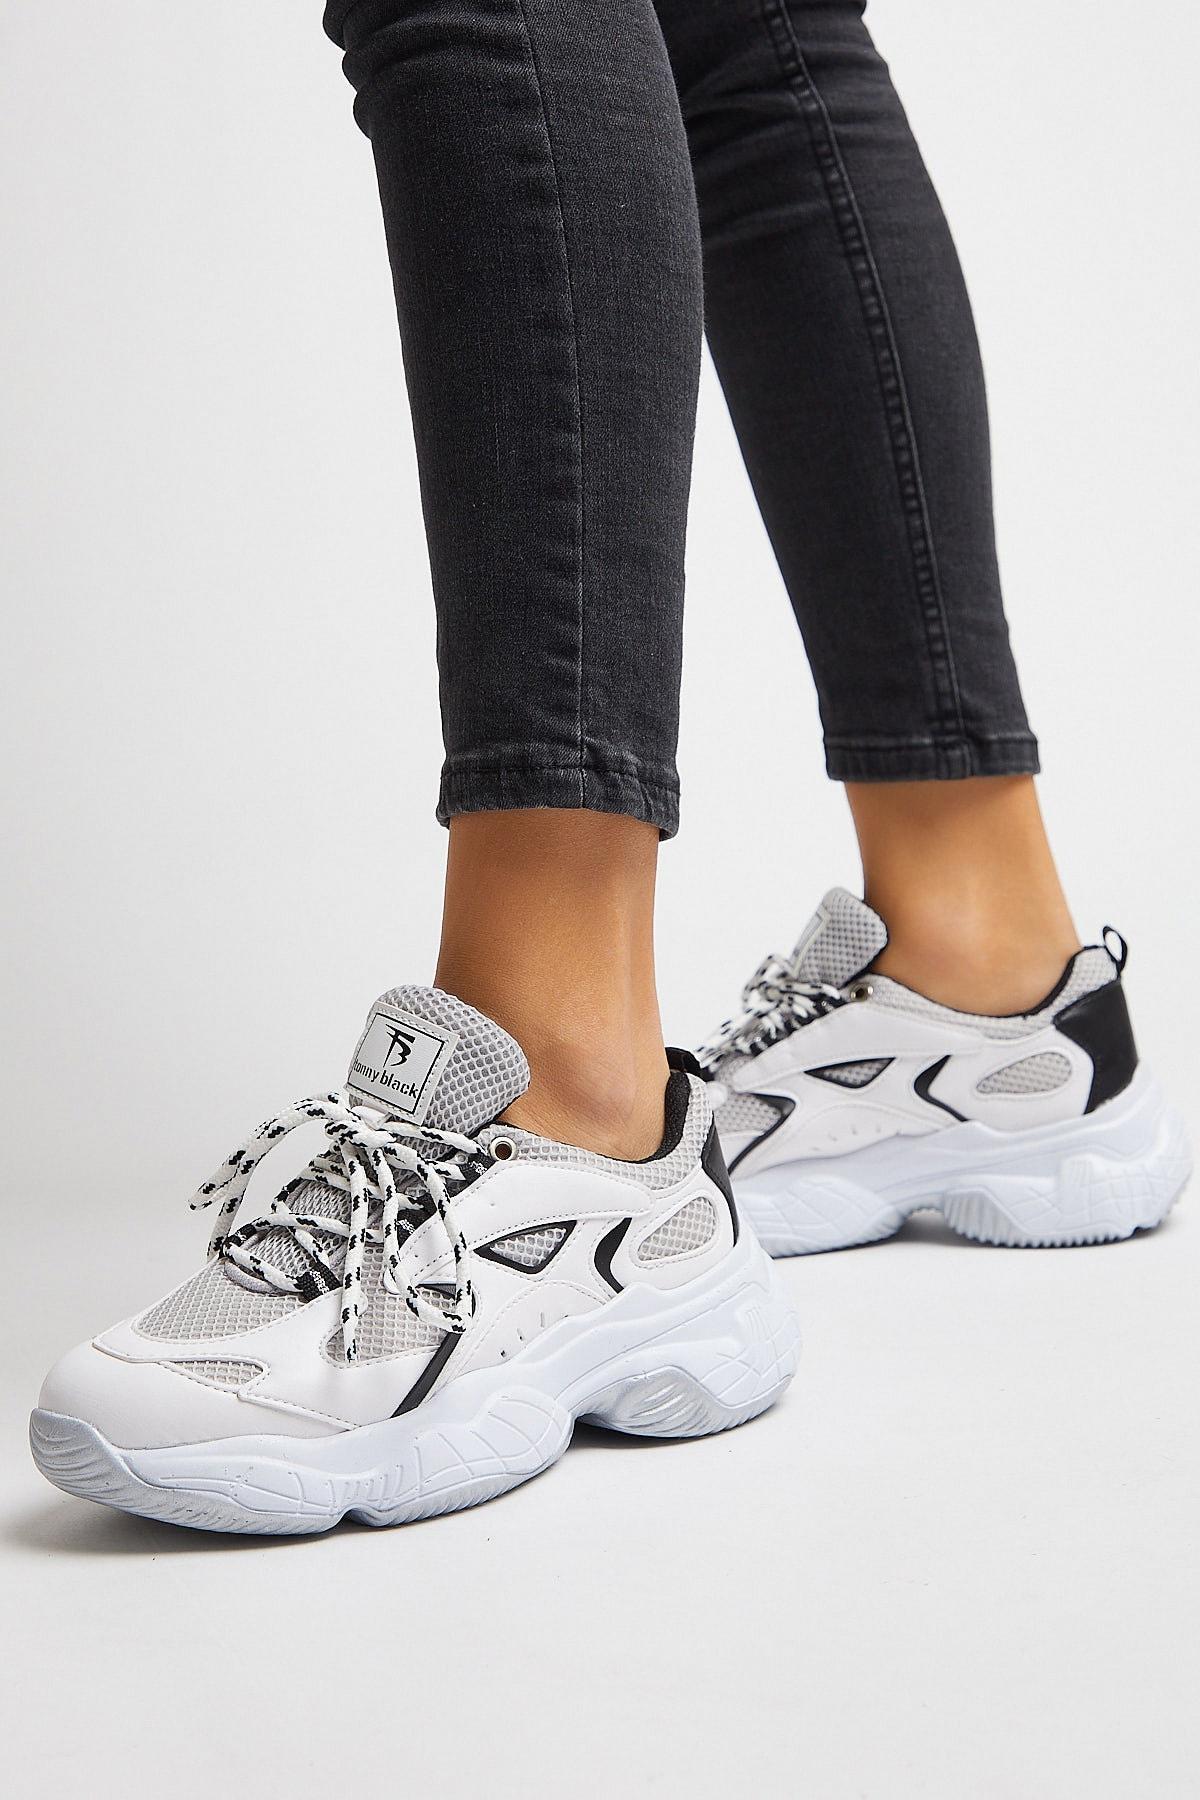 Tonny Black Kadın Spor Ayakkabı Beyaz Siyah Tb288 2